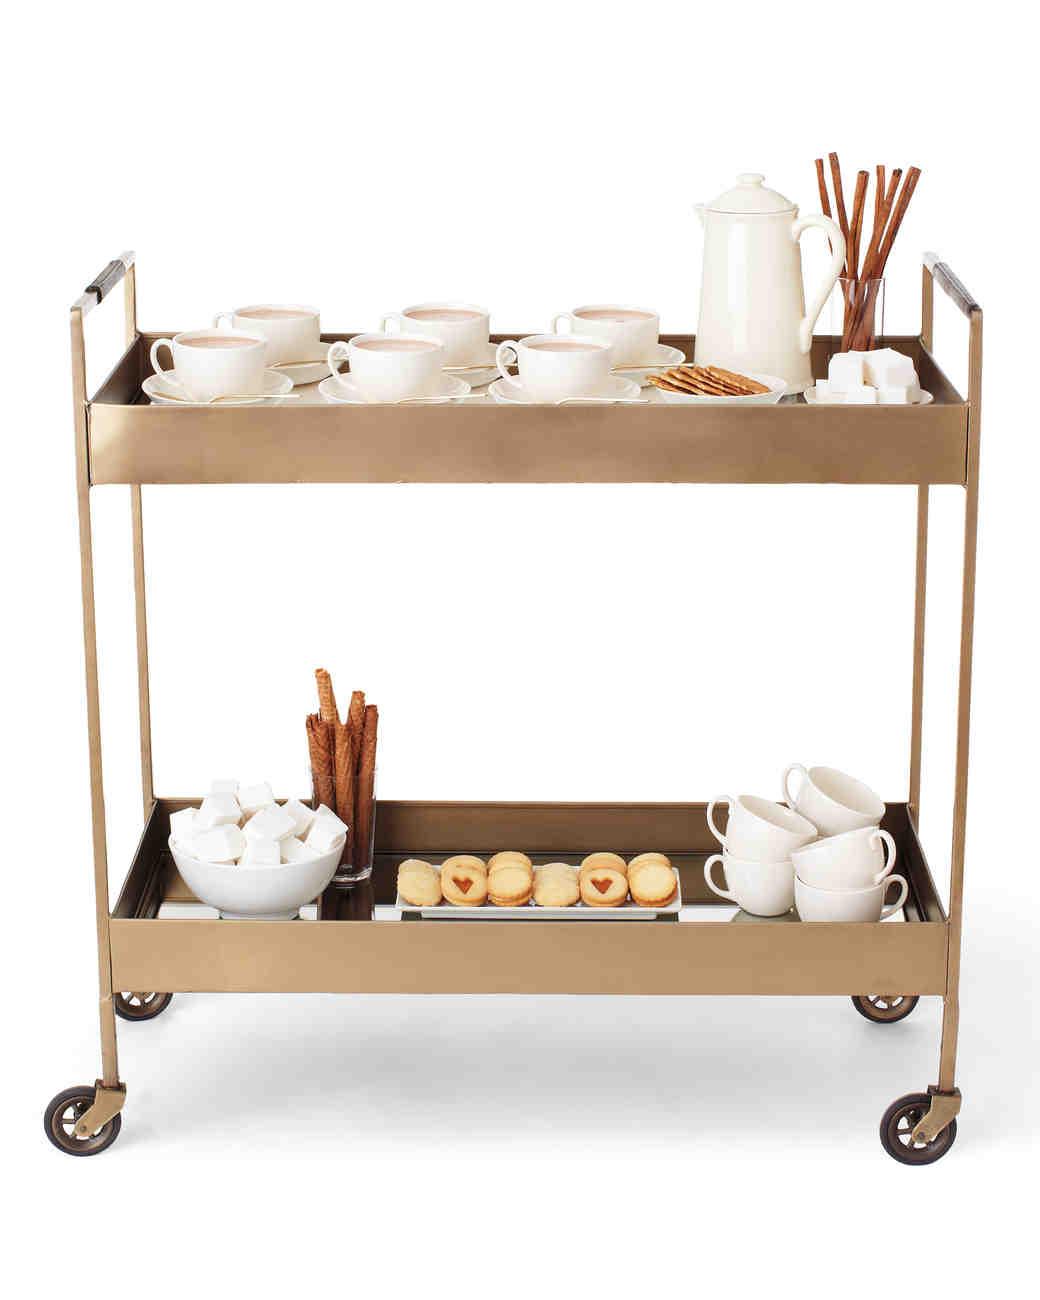 bar-cart-hot-cocoa-136-mwd110589.jpg